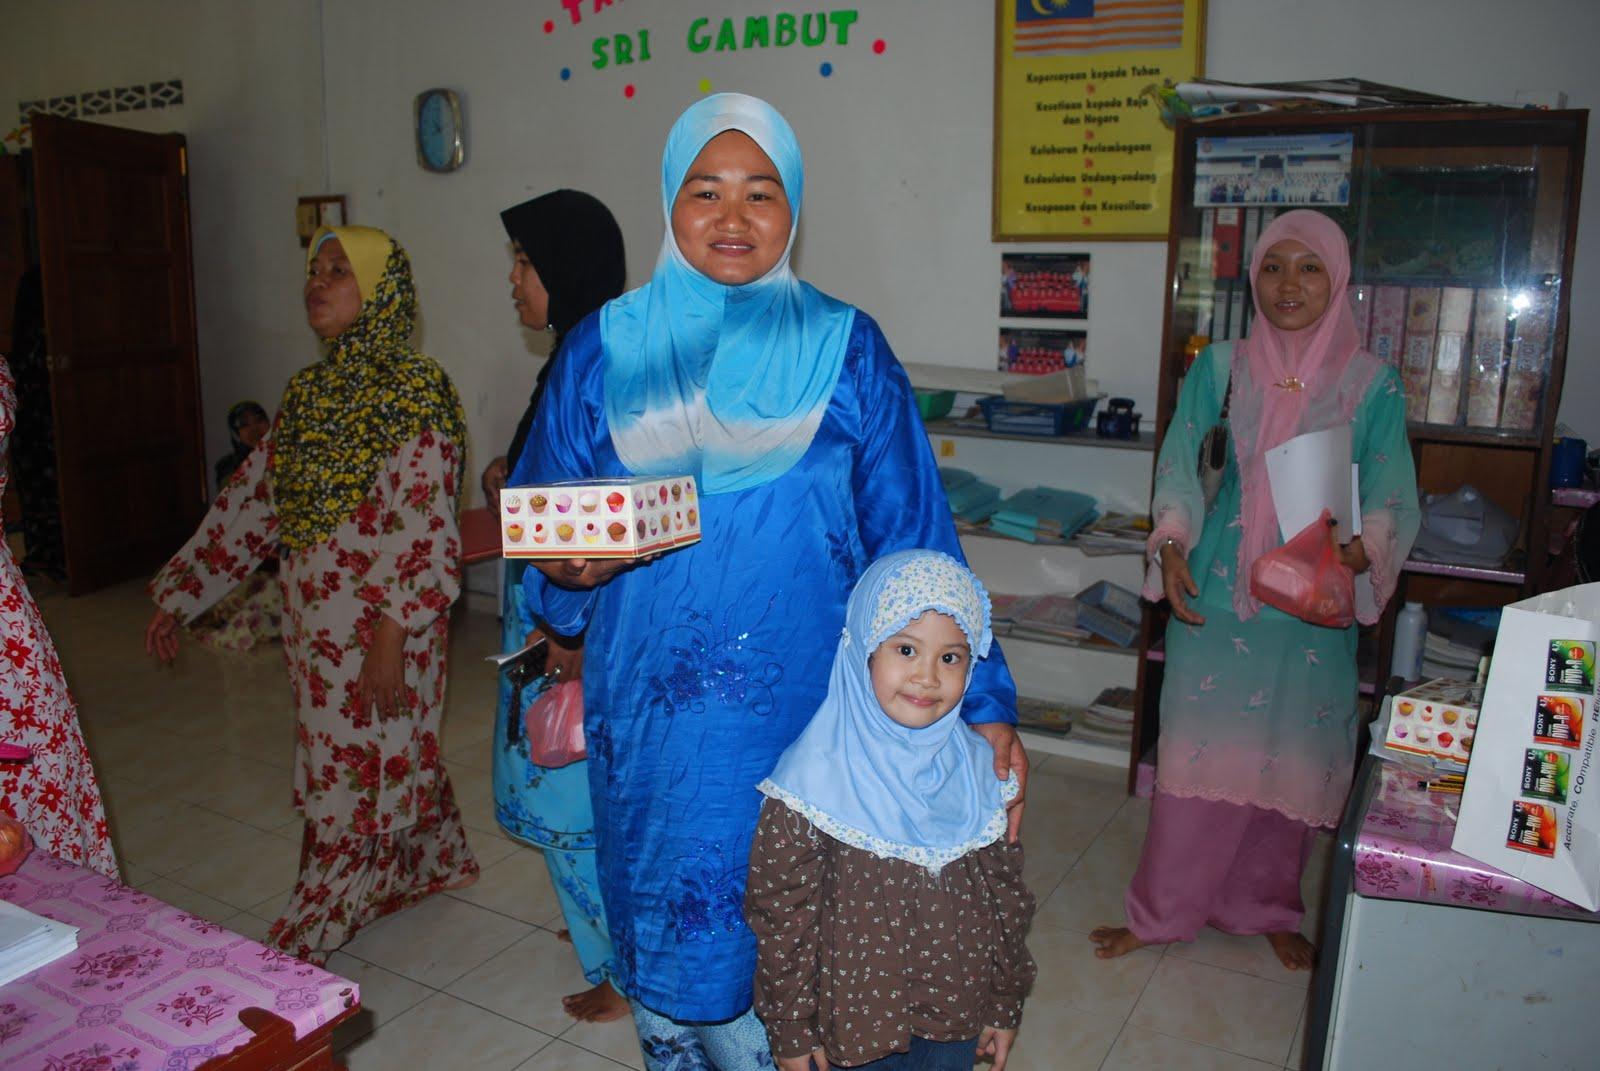 Gambar Burit Berair http://ajilbab.com/gambar/gambar-pantat-berair.htm